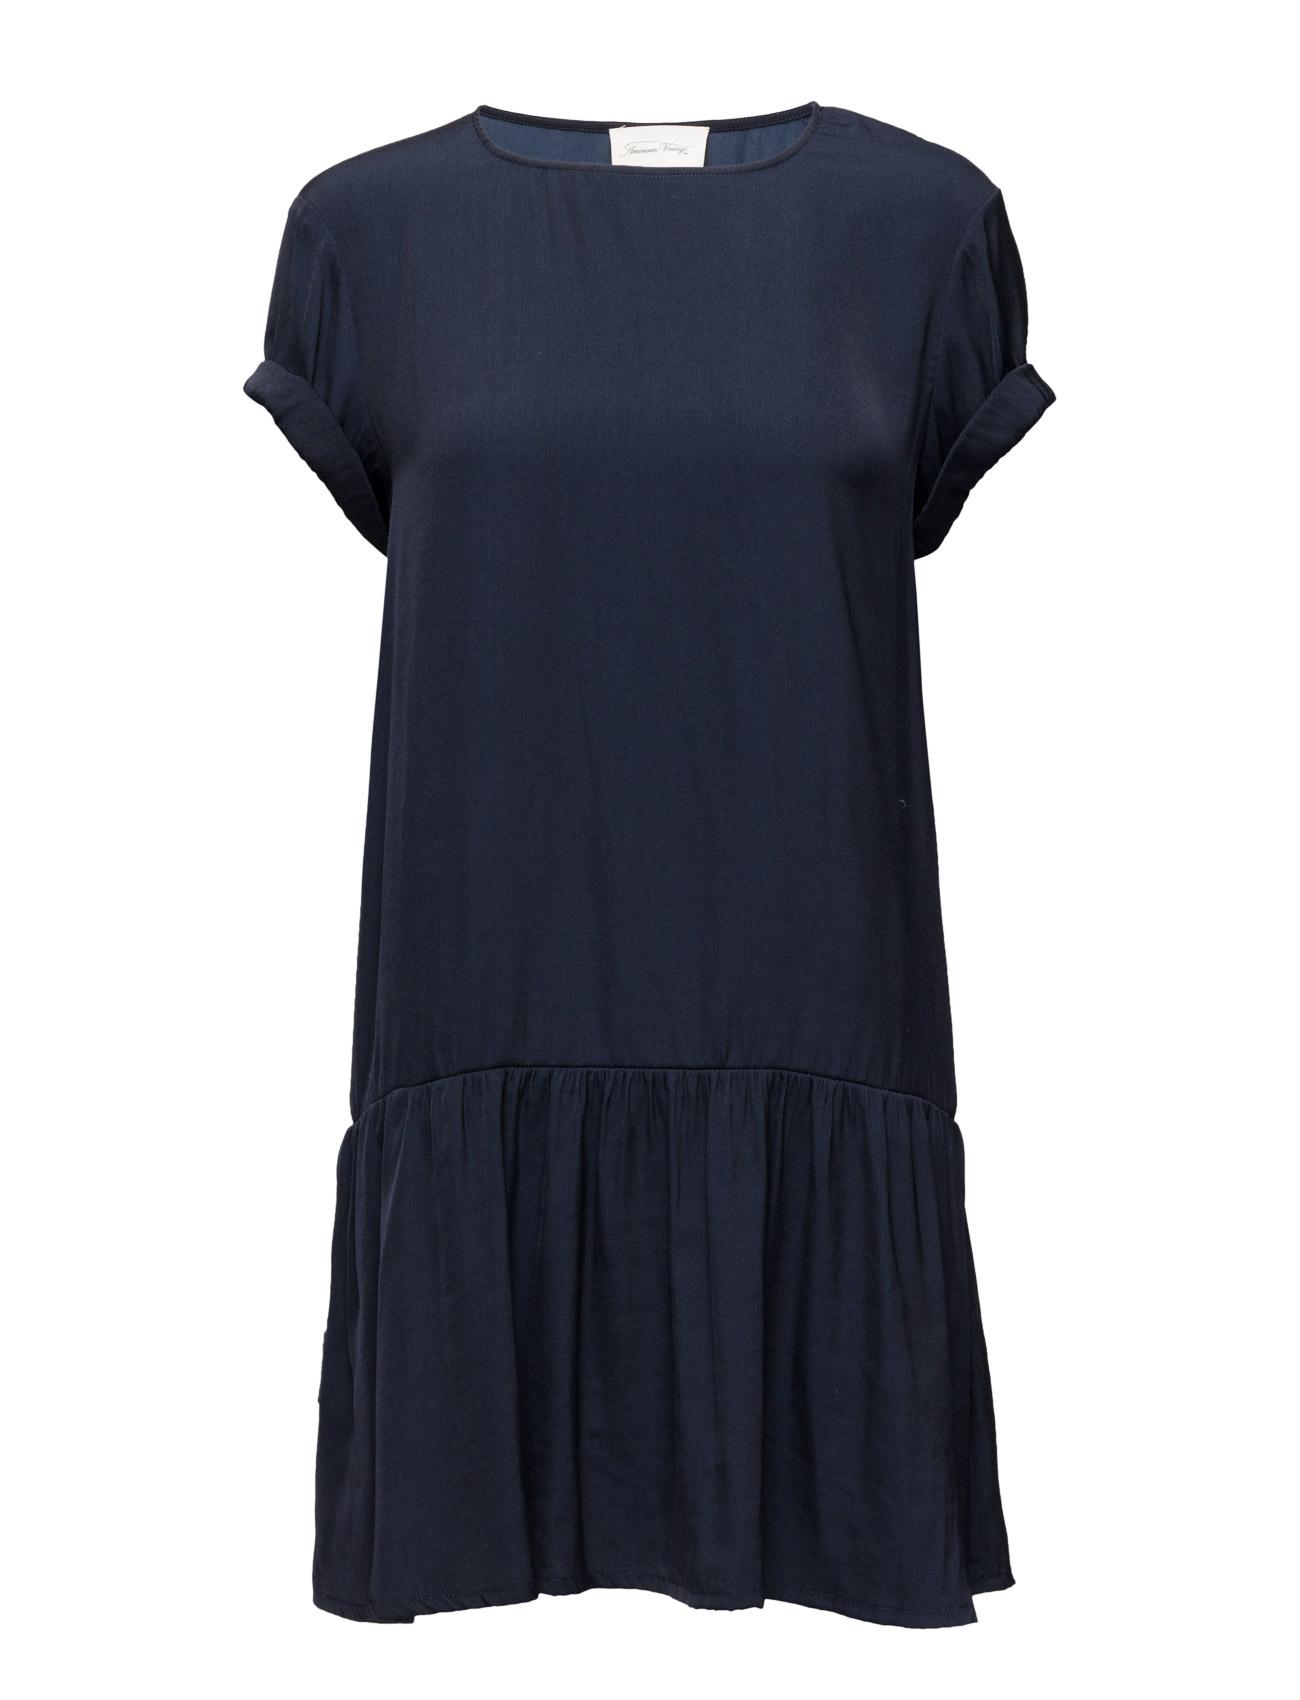 Onystate American Vintage Korte kjoler til Kvinder i Navy blå